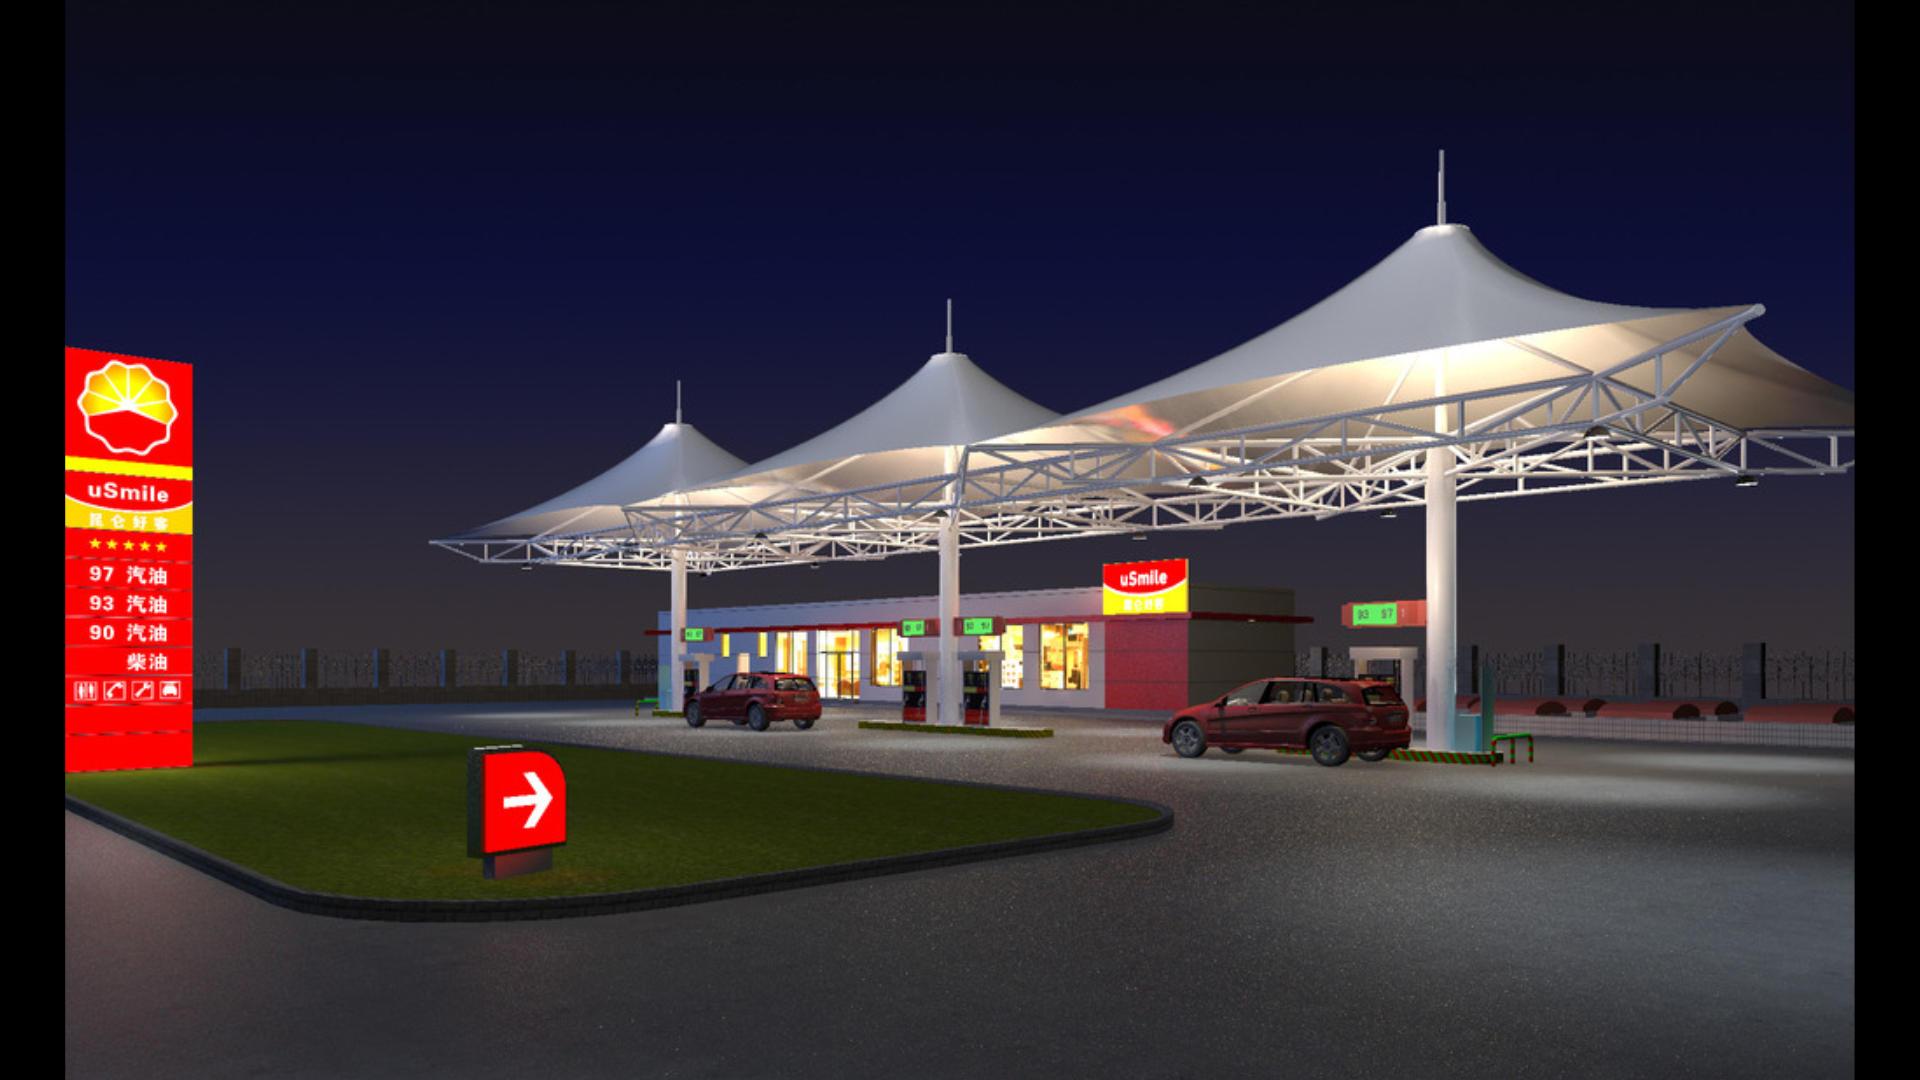 加油站膜结构工程公司-加油站膜结构专业制造厂家